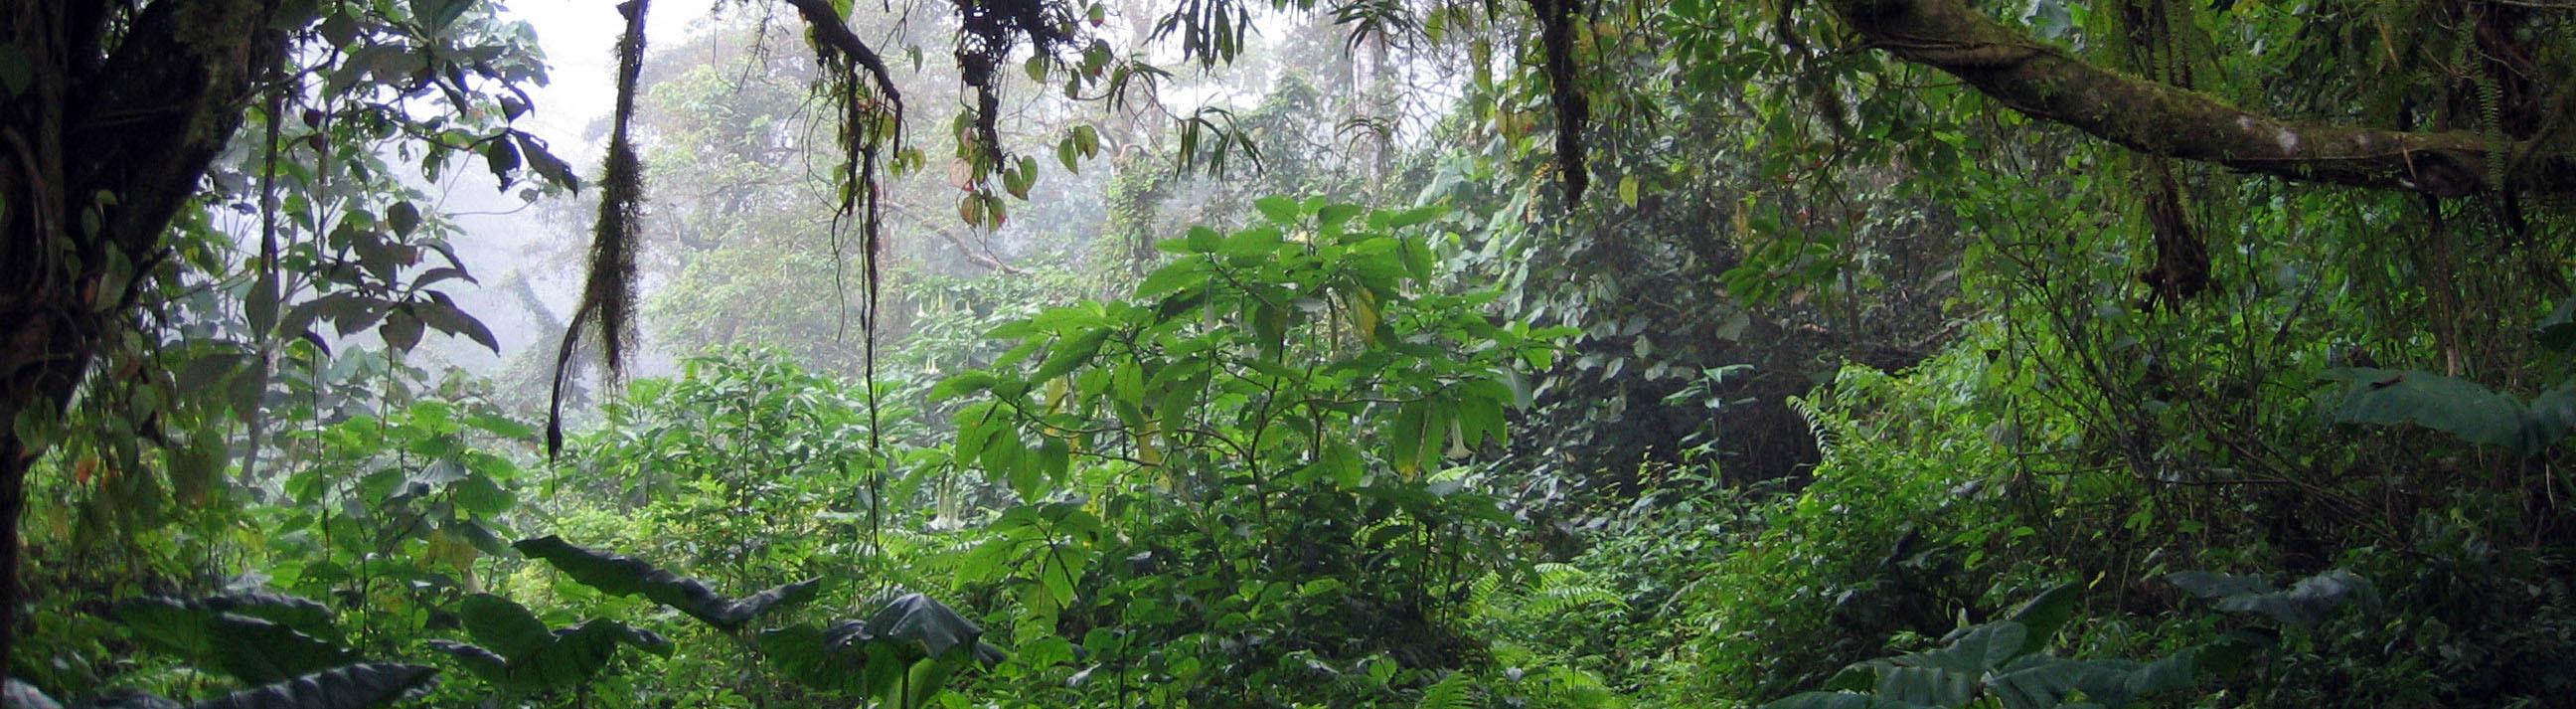 Kamerun Wald